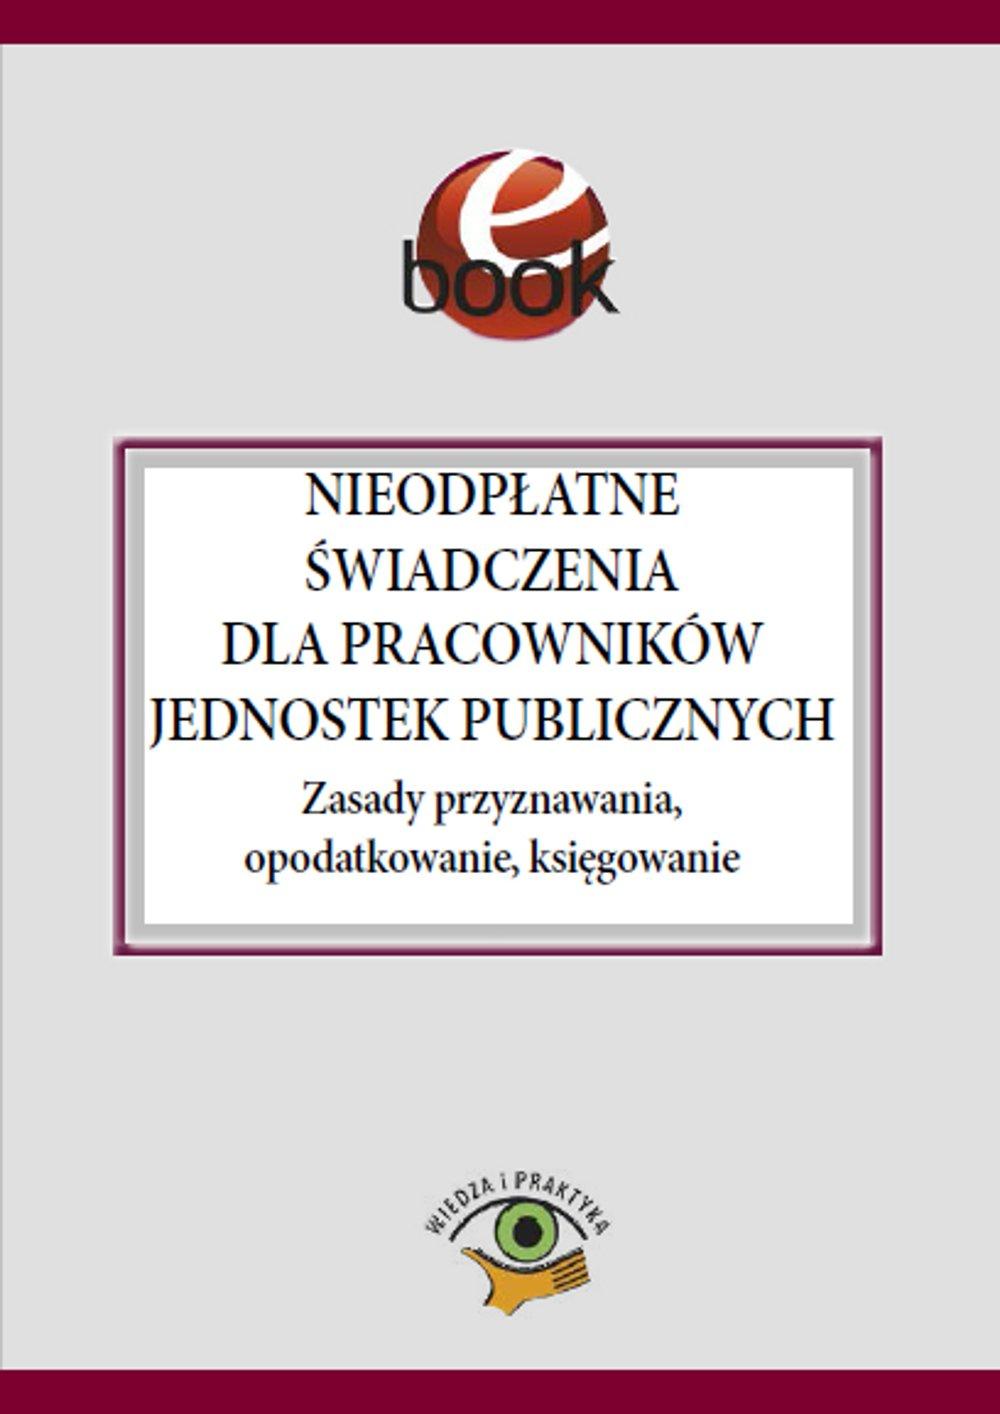 Nieodpłatne świadczenia dla pracowników jednostek publicznych. Zasady przyznawania, opodatkowanie, księgowanie - Ebook (Książka PDF) do pobrania w formacie PDF